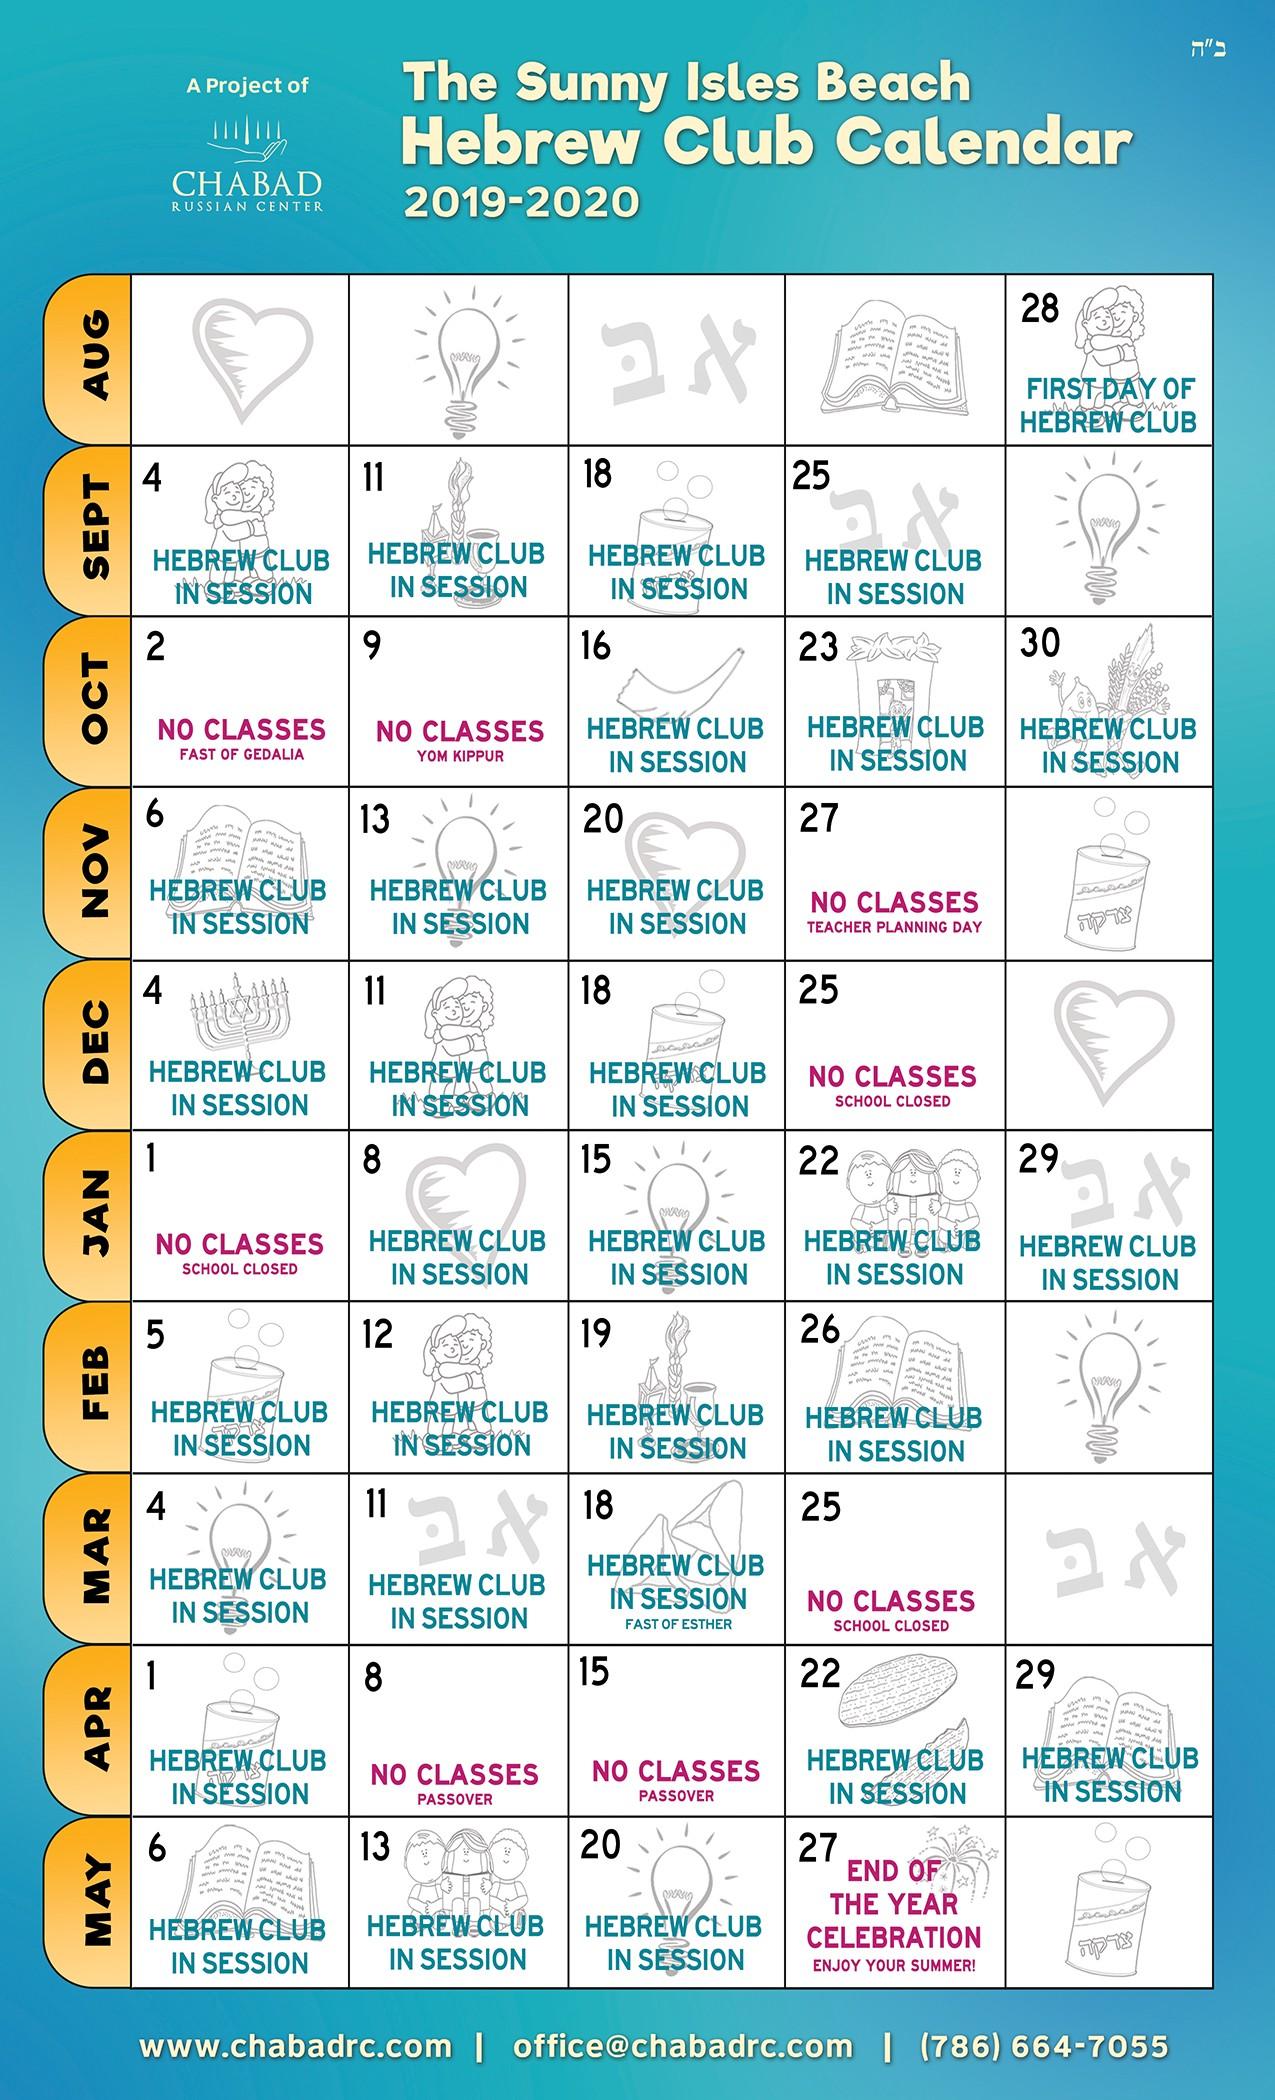 Calendario P 2019 Más Reciente Hebrew Calendar 2019 Of Calendario P 2019 Más Populares Hebrew Calendar 2019